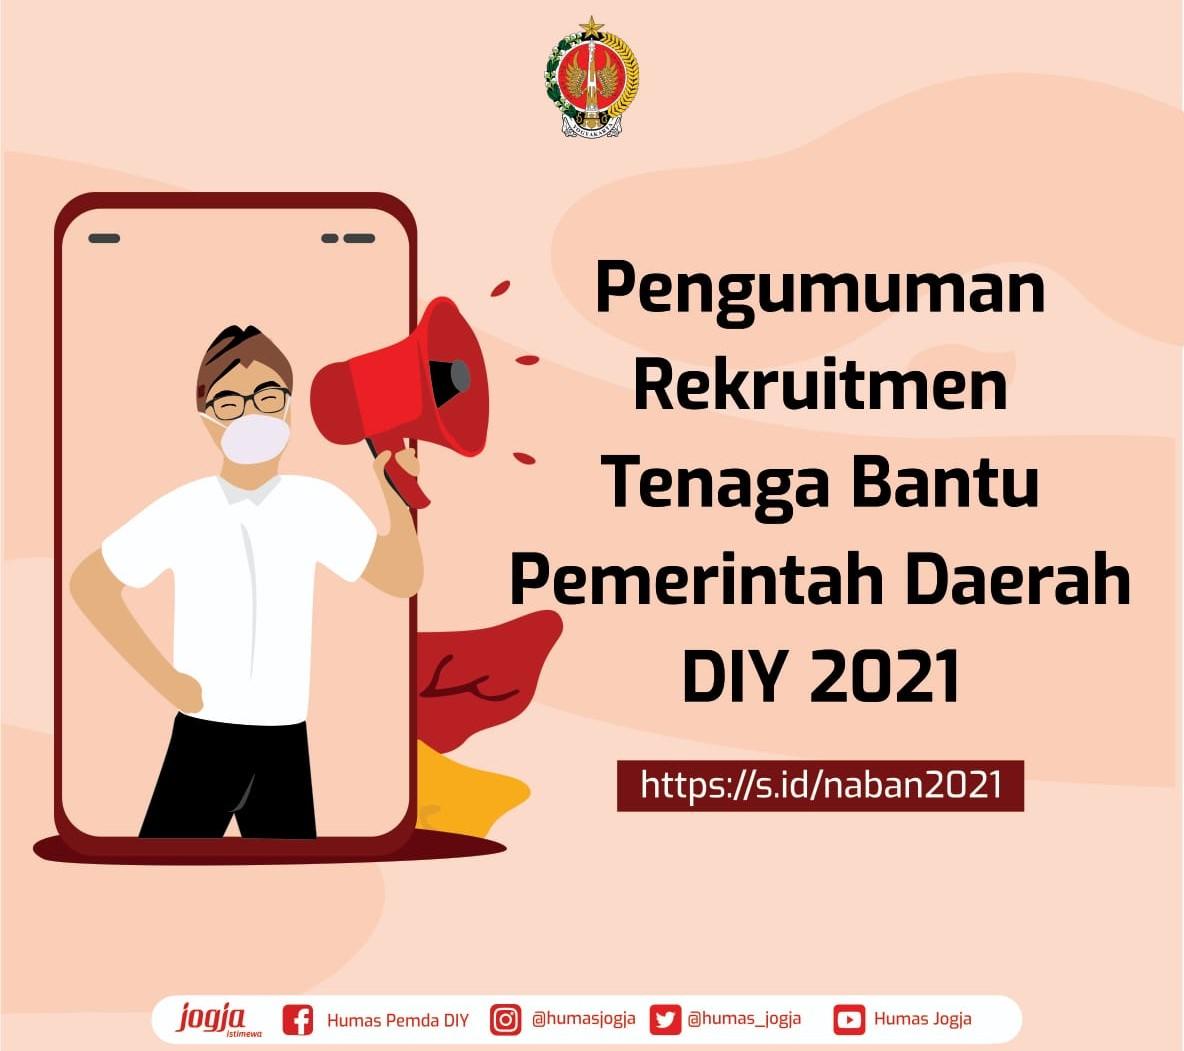 Pengadaan Tenaga Bantu Tahun 2020